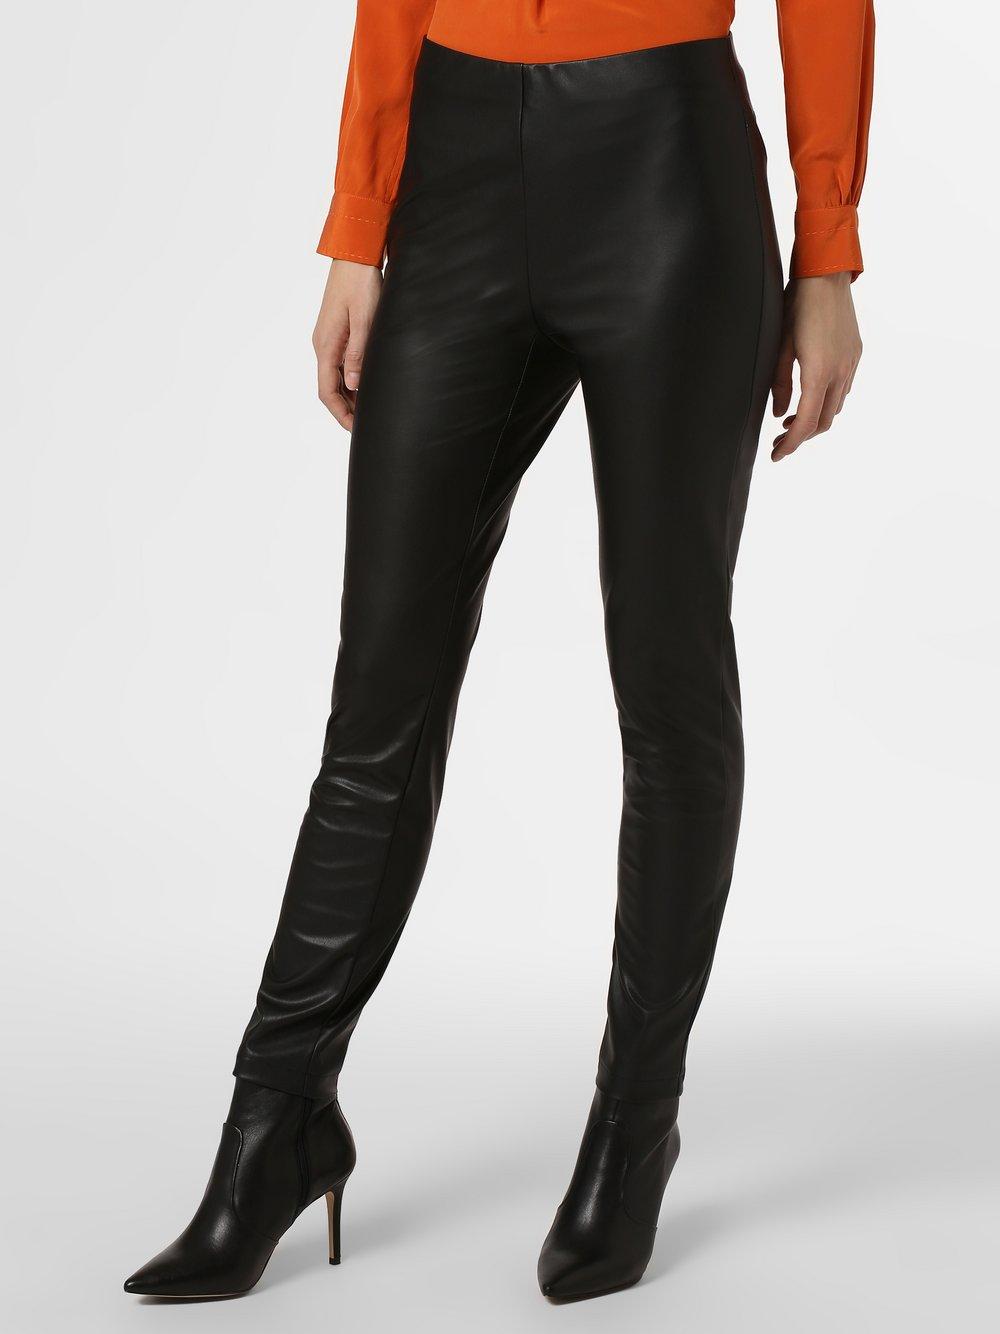 RAFFAELLO ROSSI – Spodnie damskie – Resa, czarny Van Graaf 449051-0001-00360